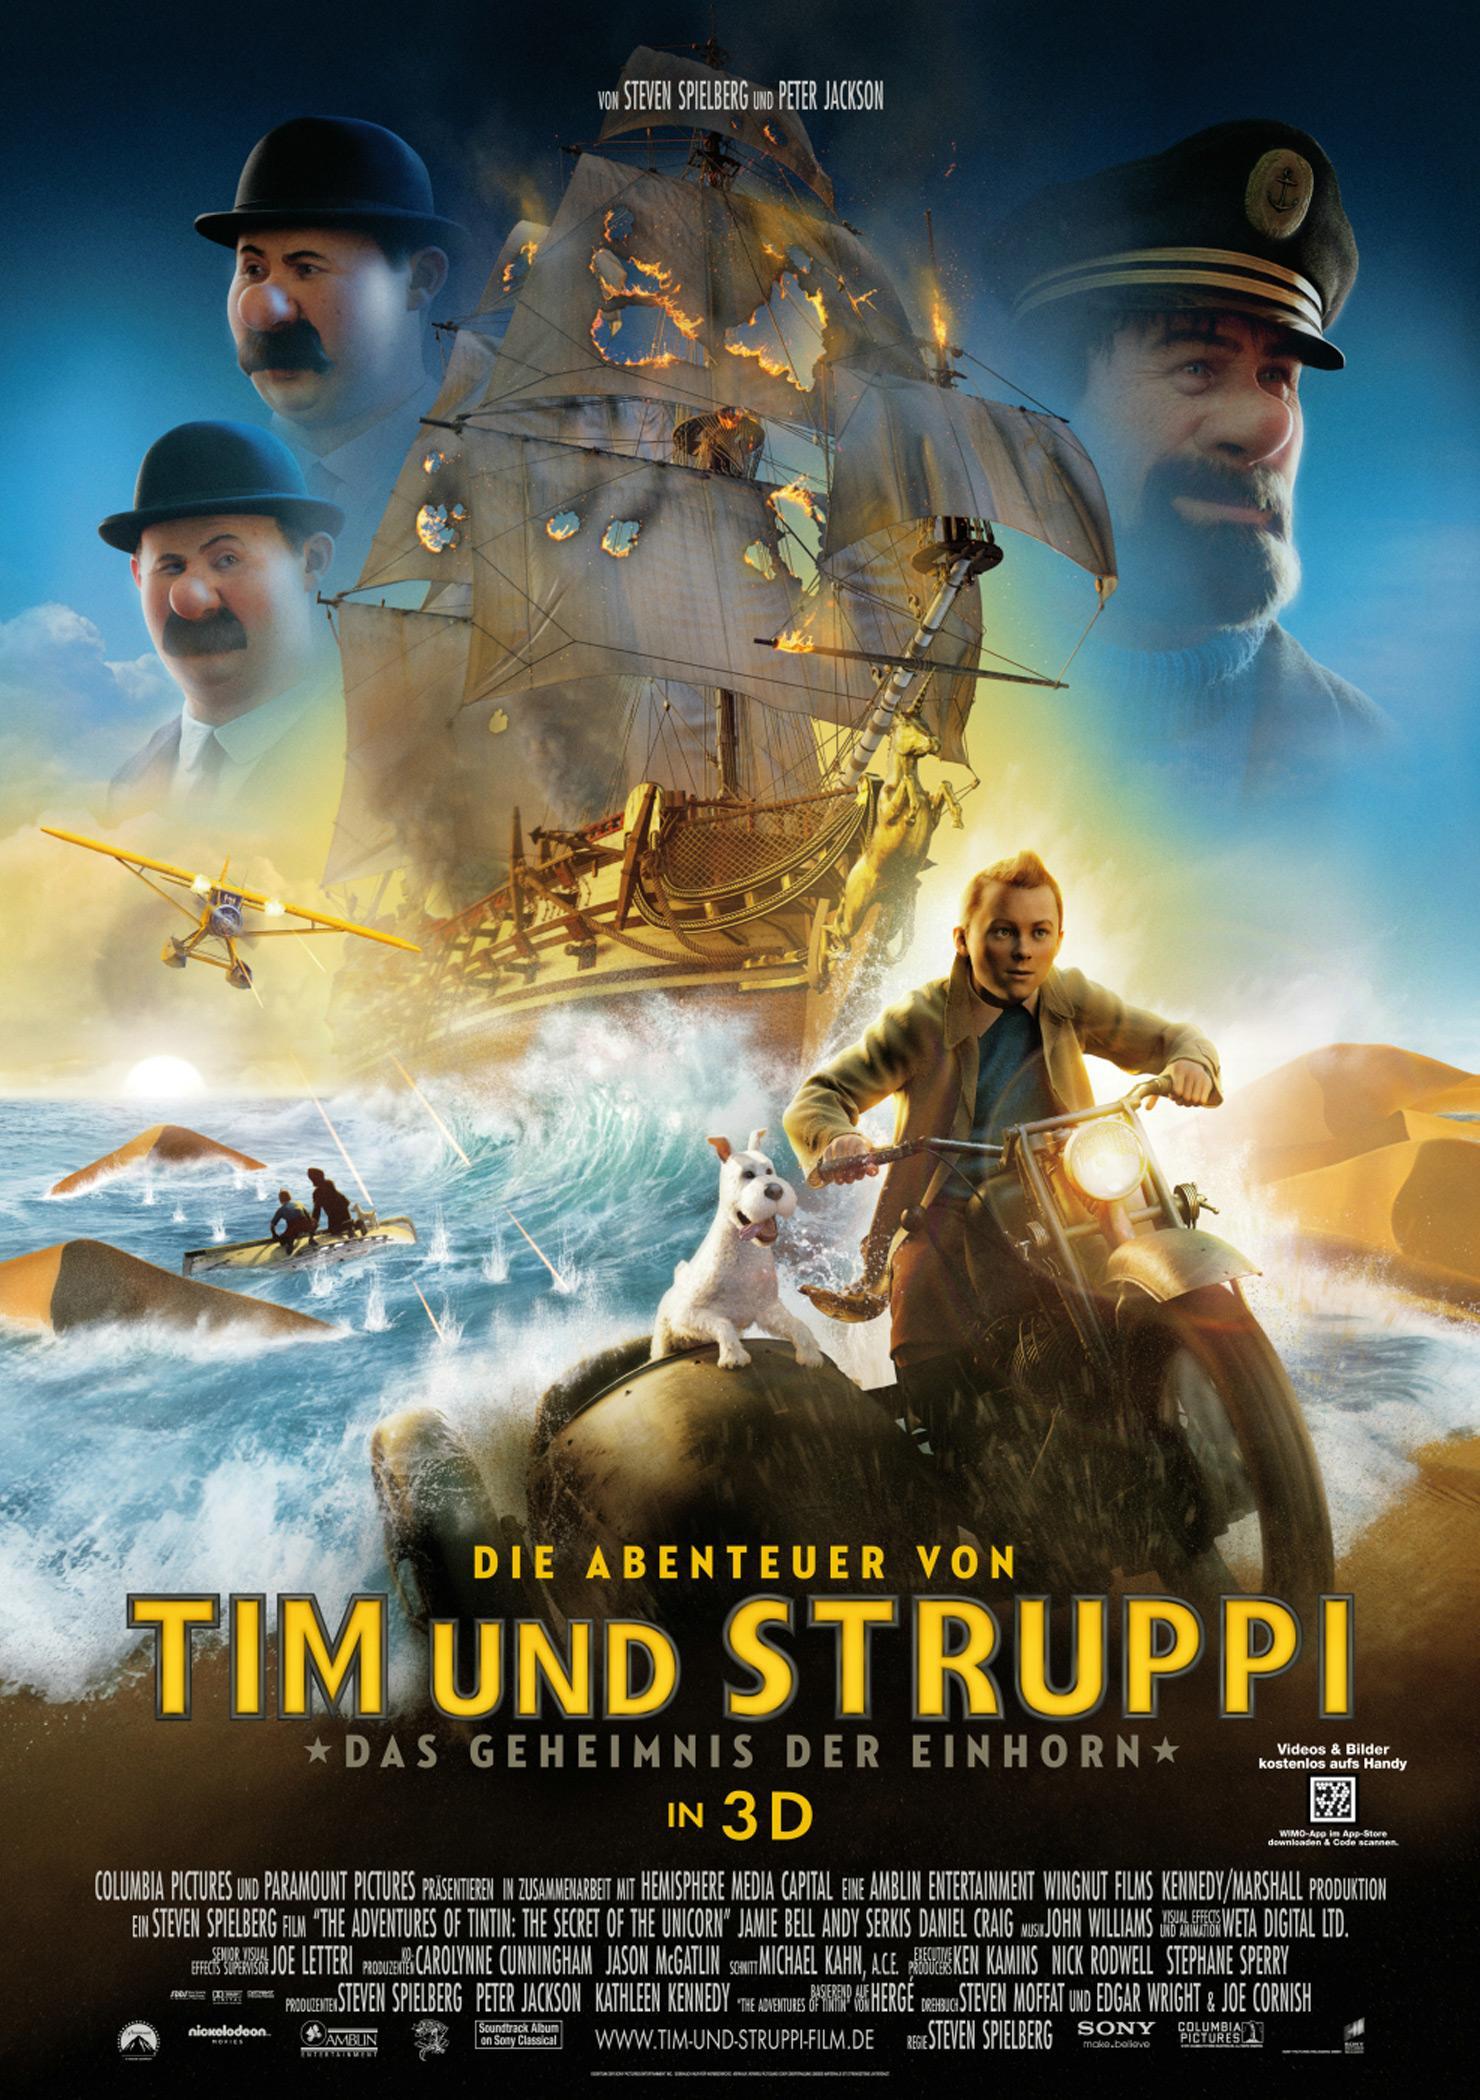 Die Abenteuer von Tim und Struppi - Das Geheimnis der Einhorn (Poster)